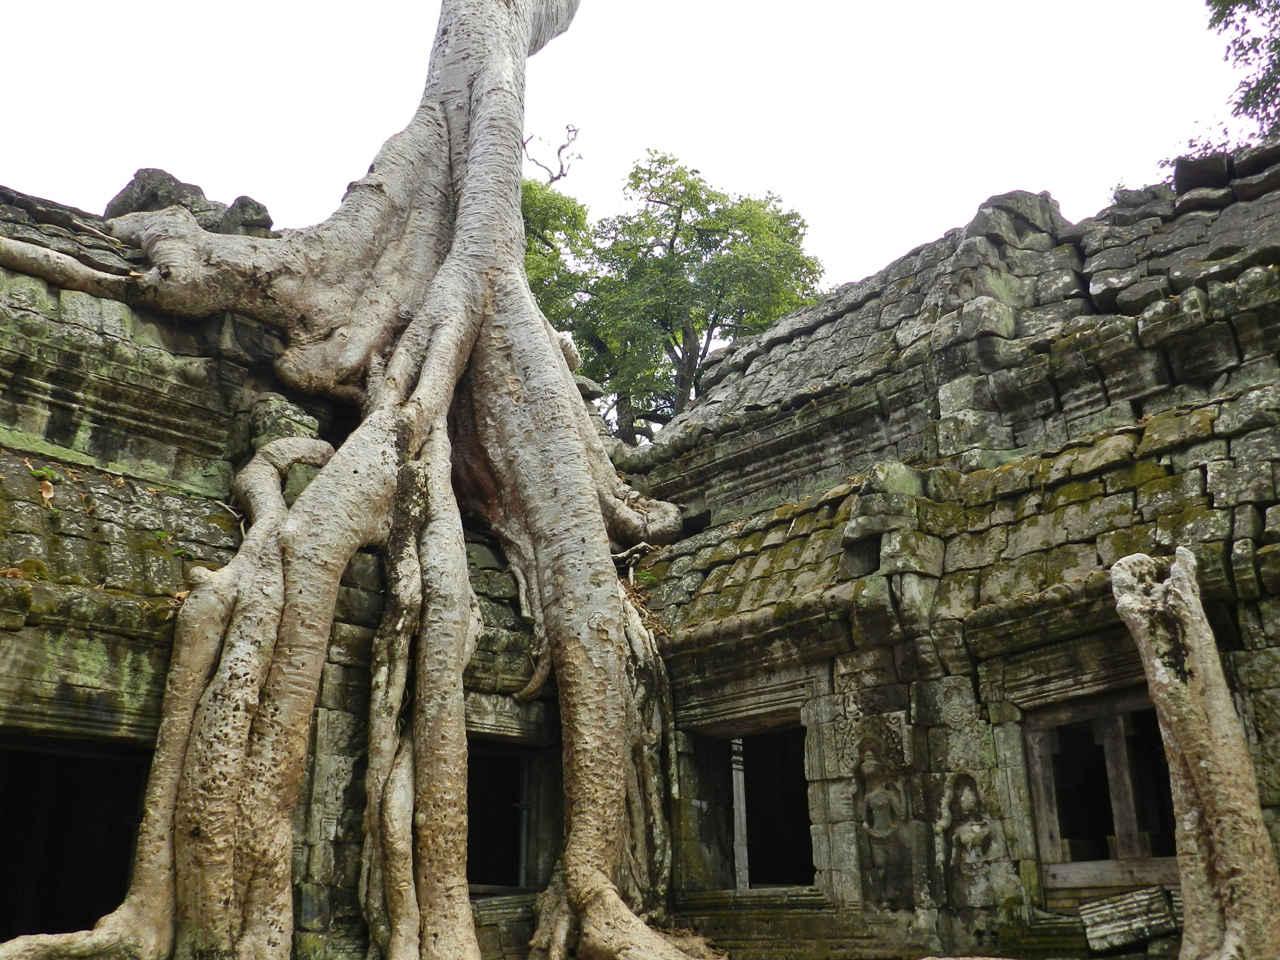 Strangler fig tree in action at Prasat Ta Phrom